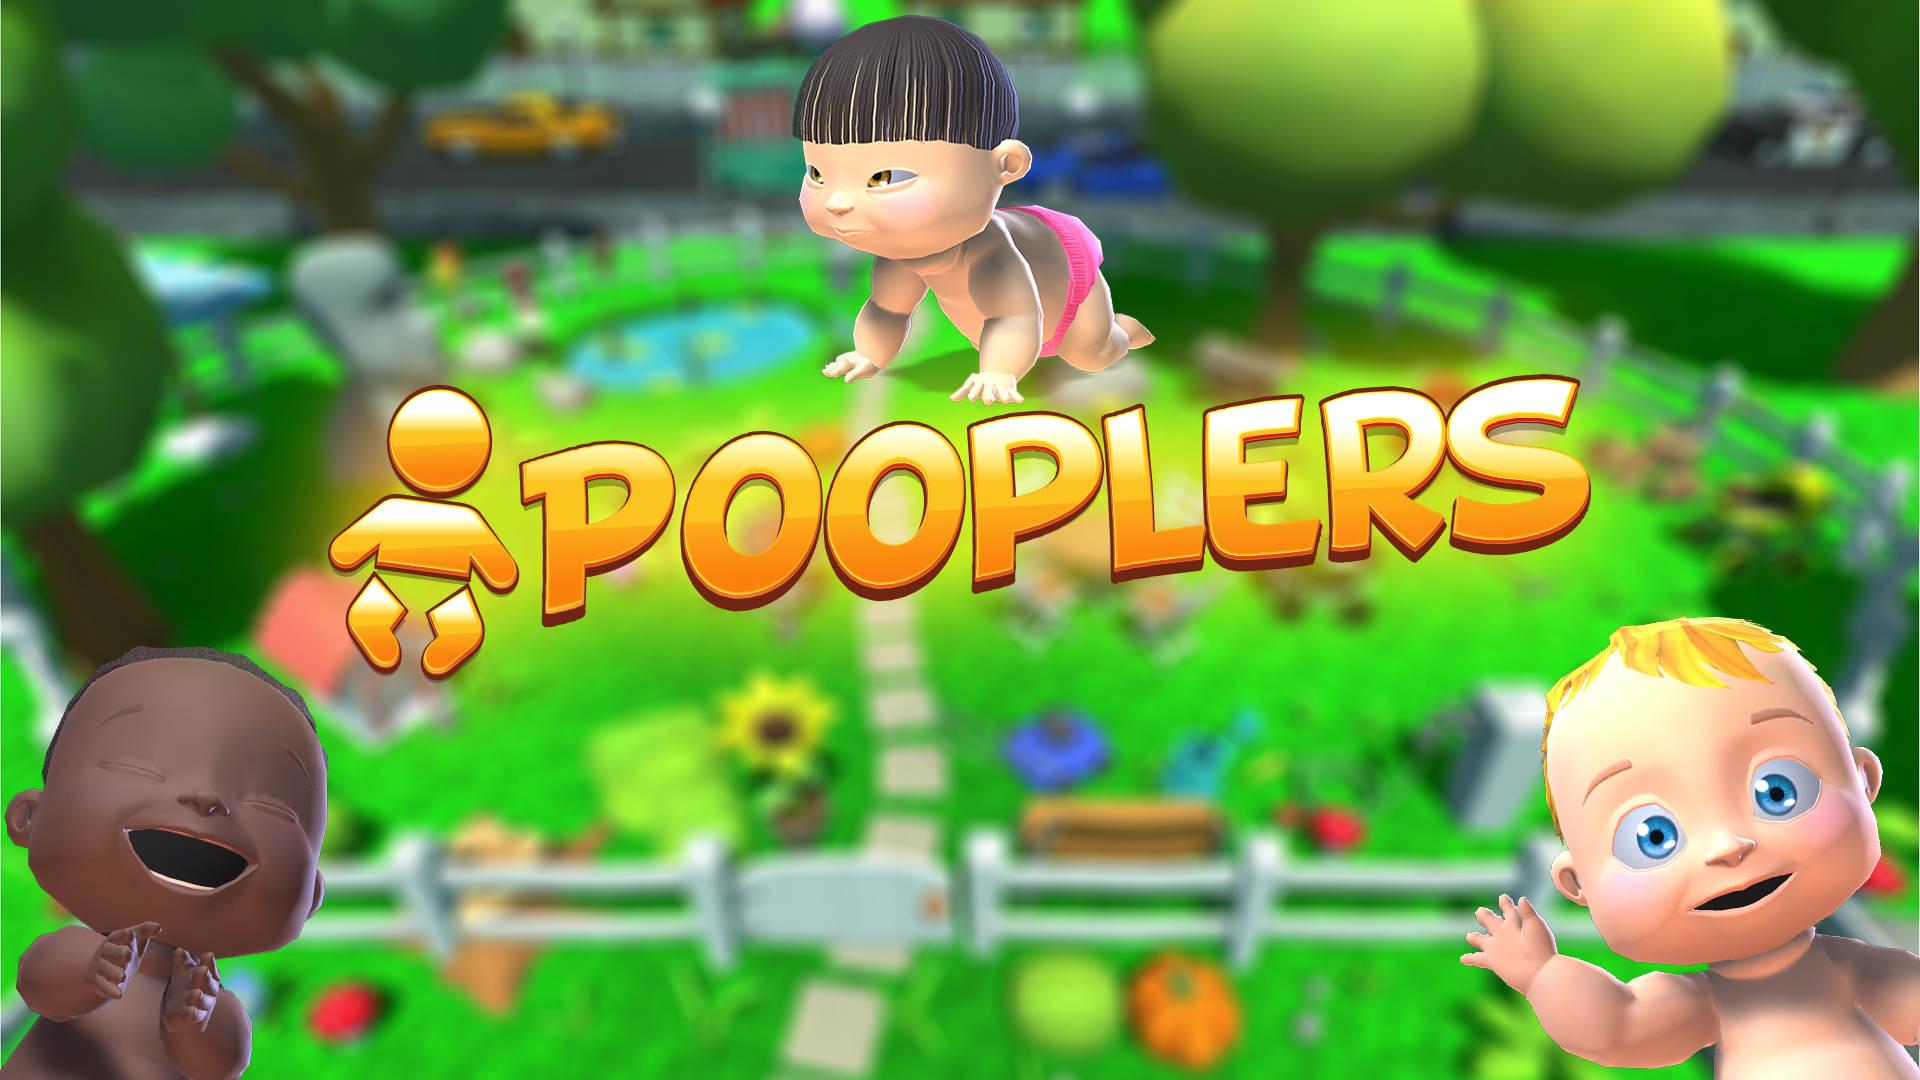 Pooplers logo